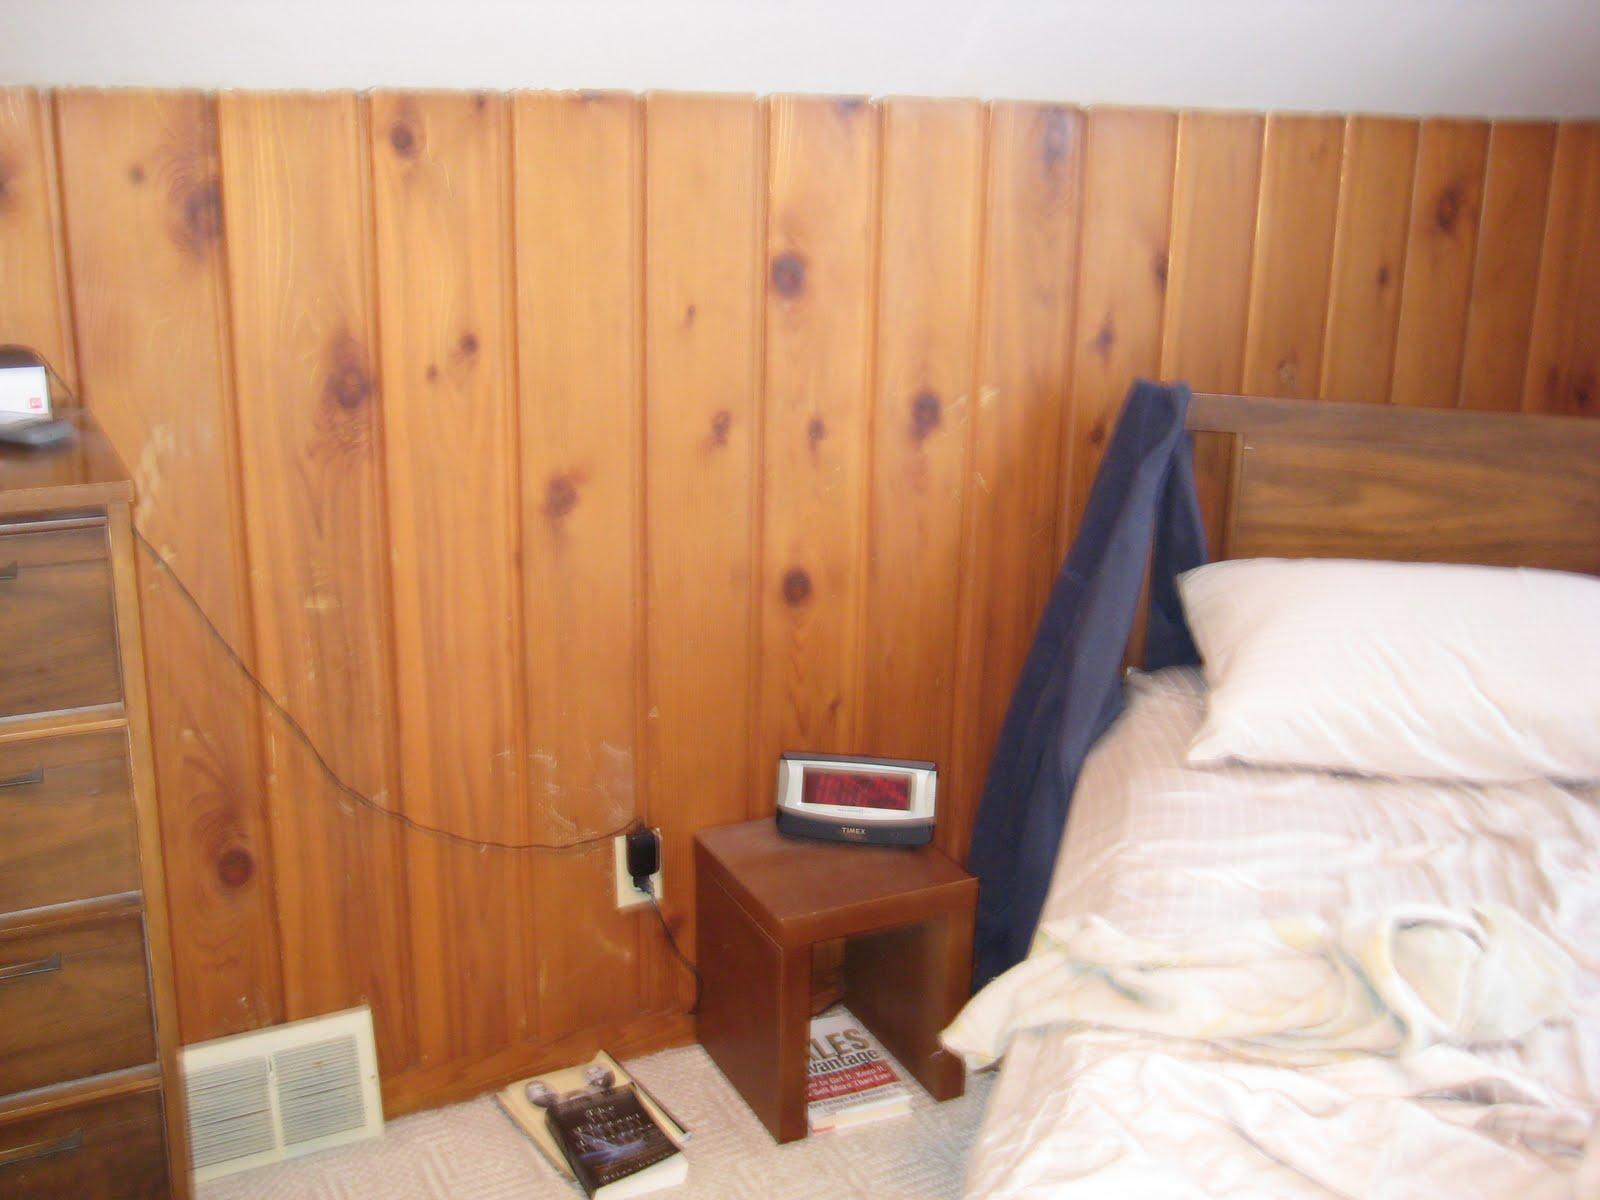 chuyên nhận làm sơn gỗ tại nhà uy tín